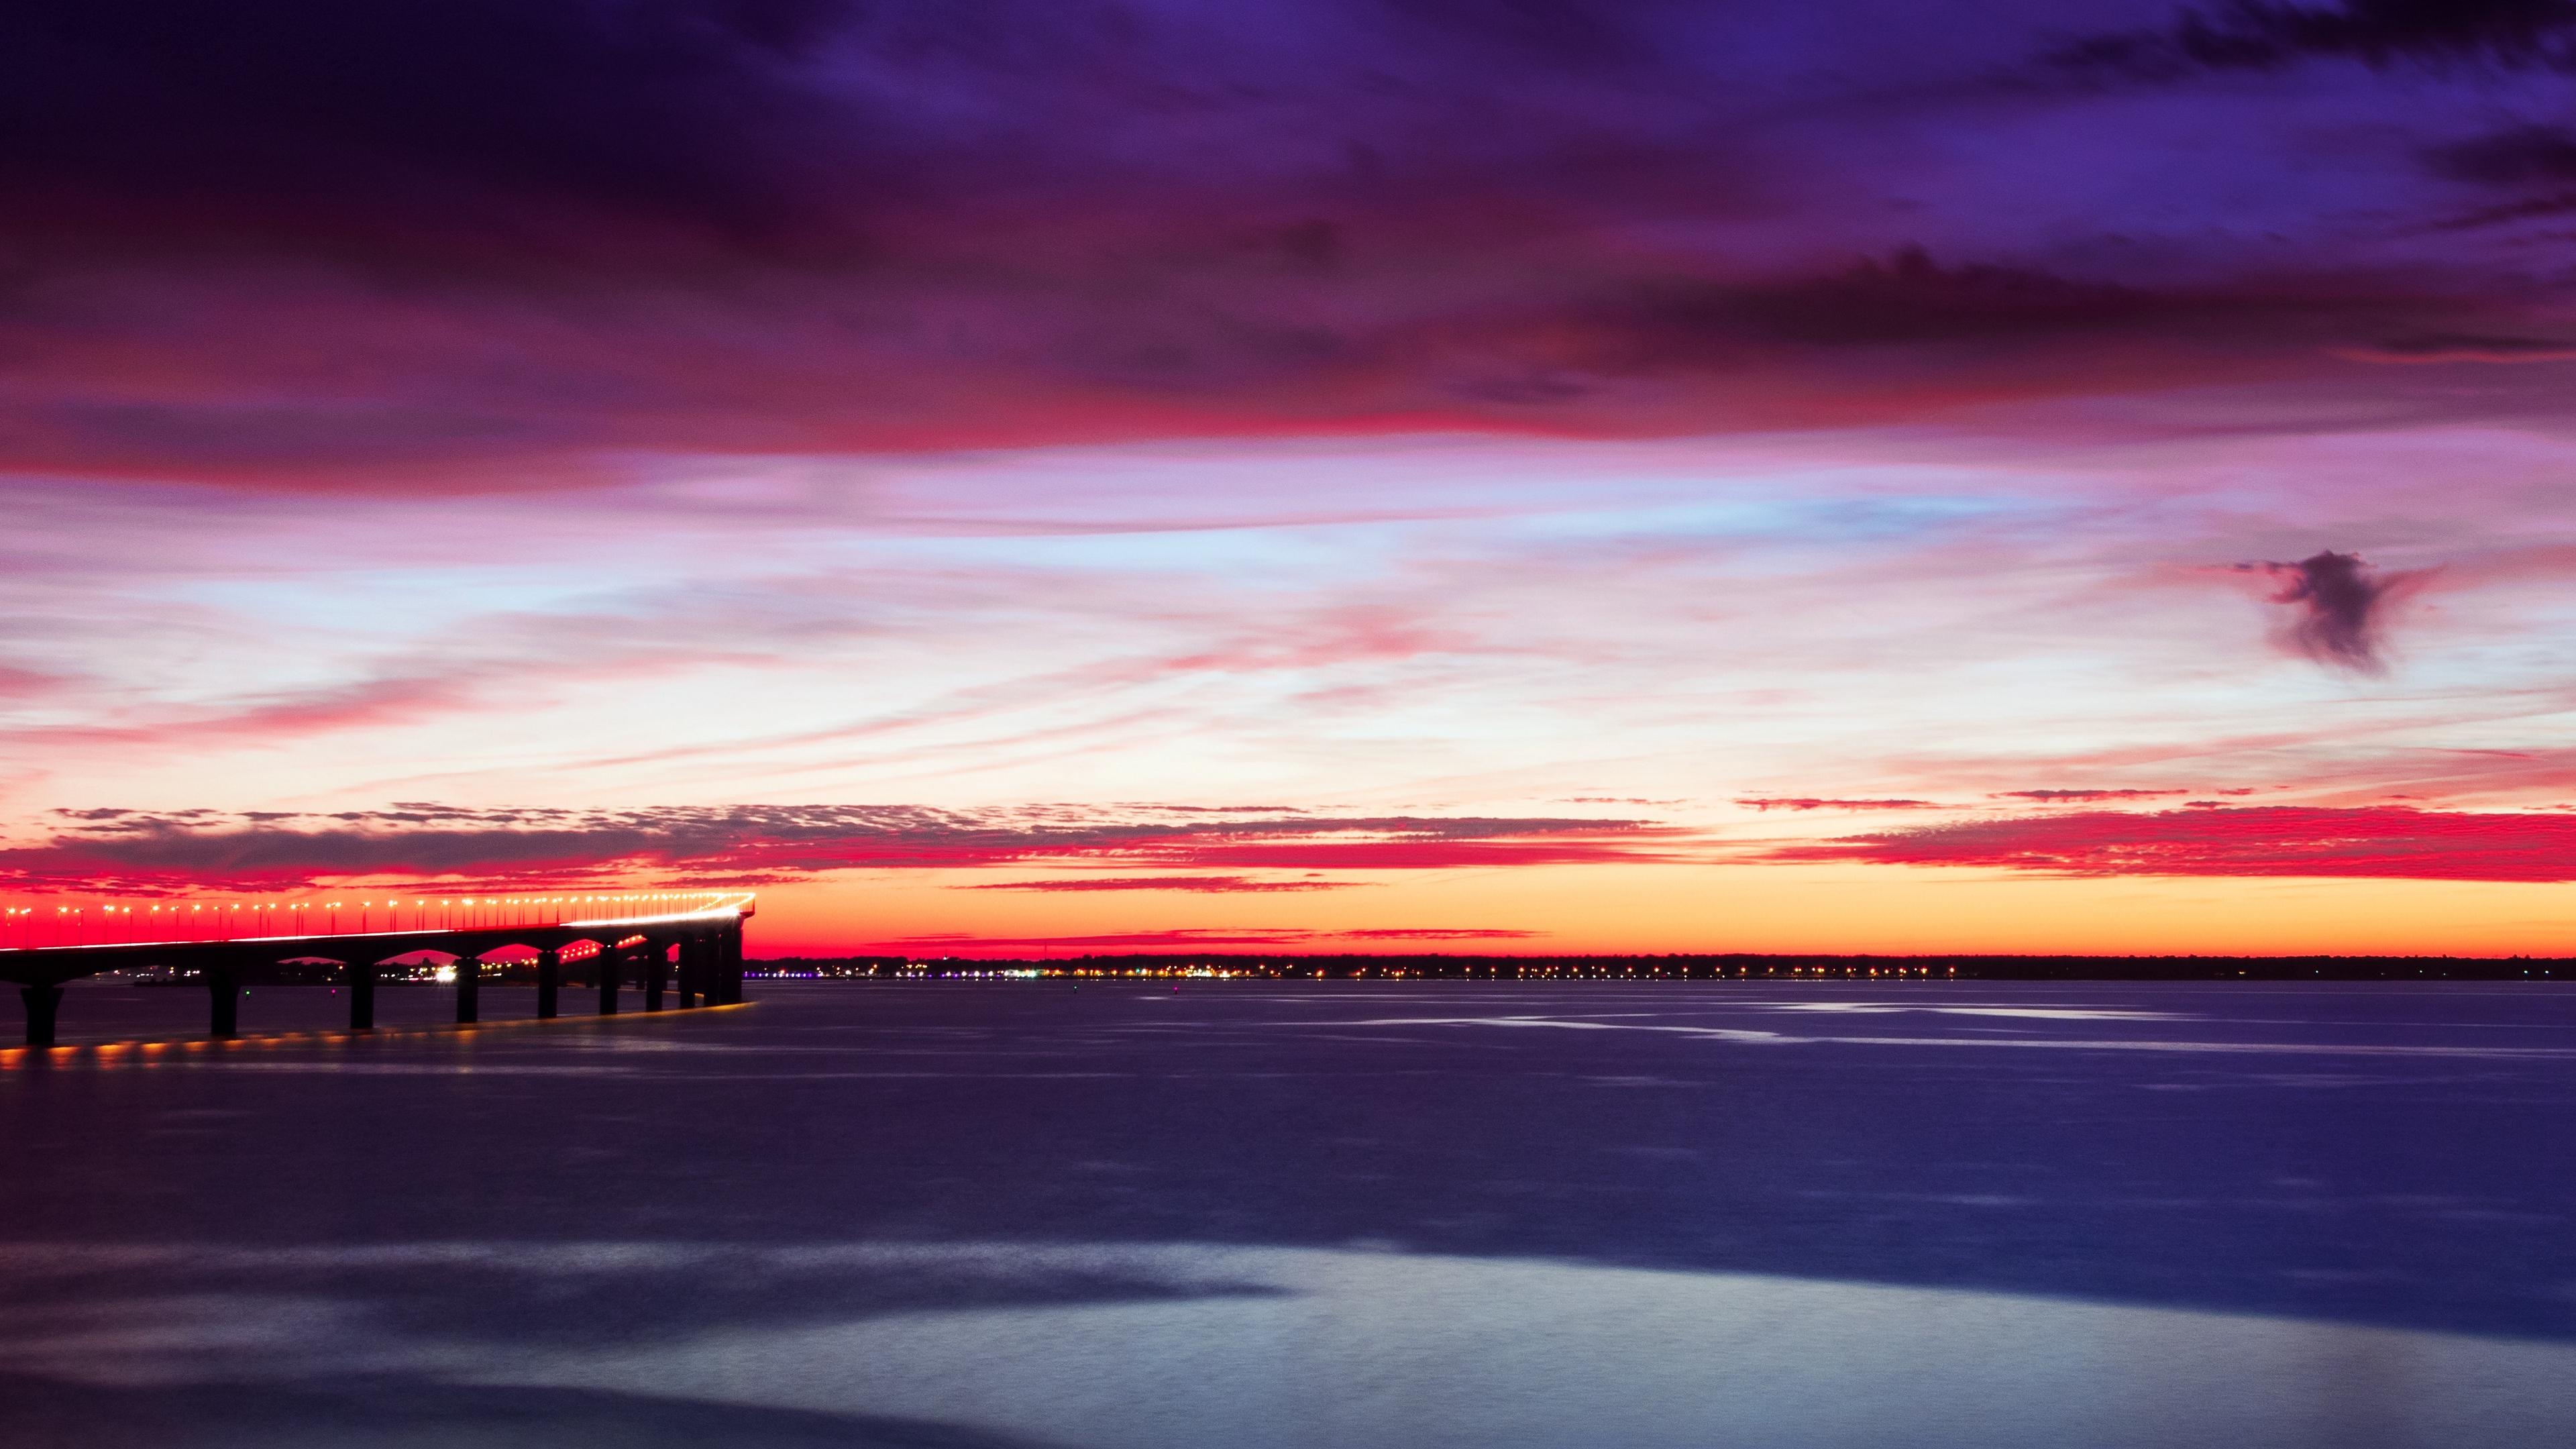 bridge sky sunset horizon 4k 1541114500 - bridge, sky, sunset, horizon 4k - sunset, Sky, bridge